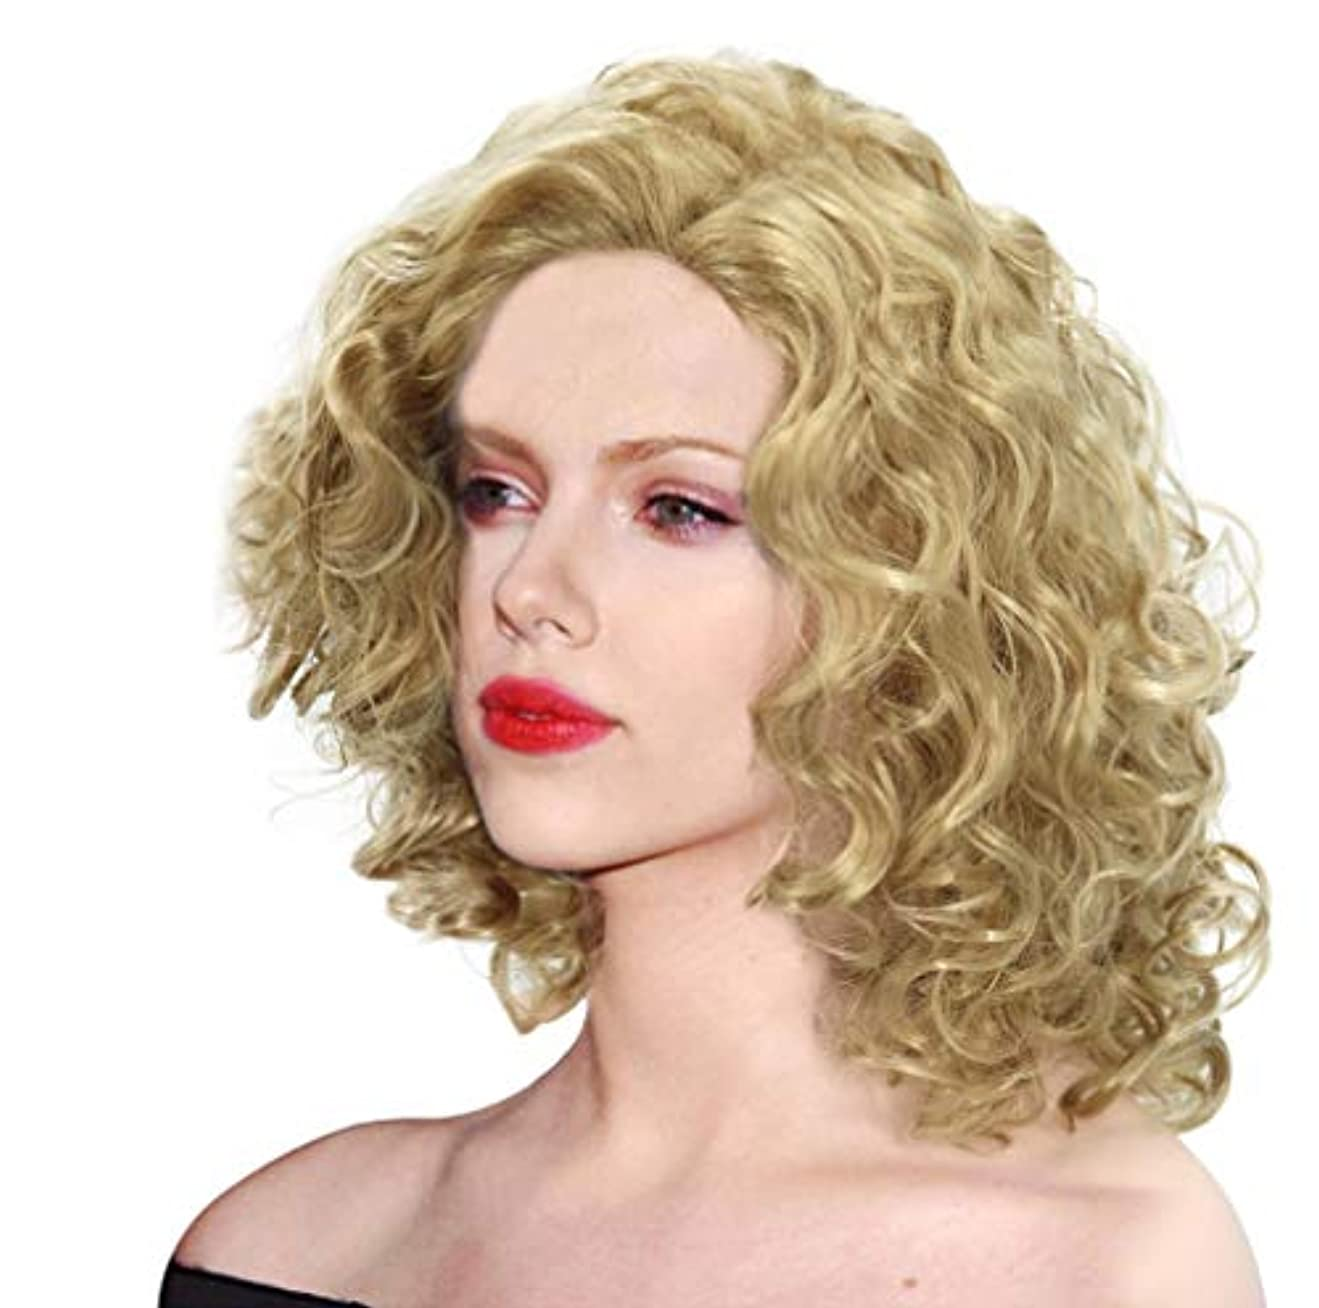 禁止する光電固体女性かつら人工毛ウィッグ波状わずかに赤ん坊の毛150%密度に適したハロウィーンコスプレゴールド42 cm